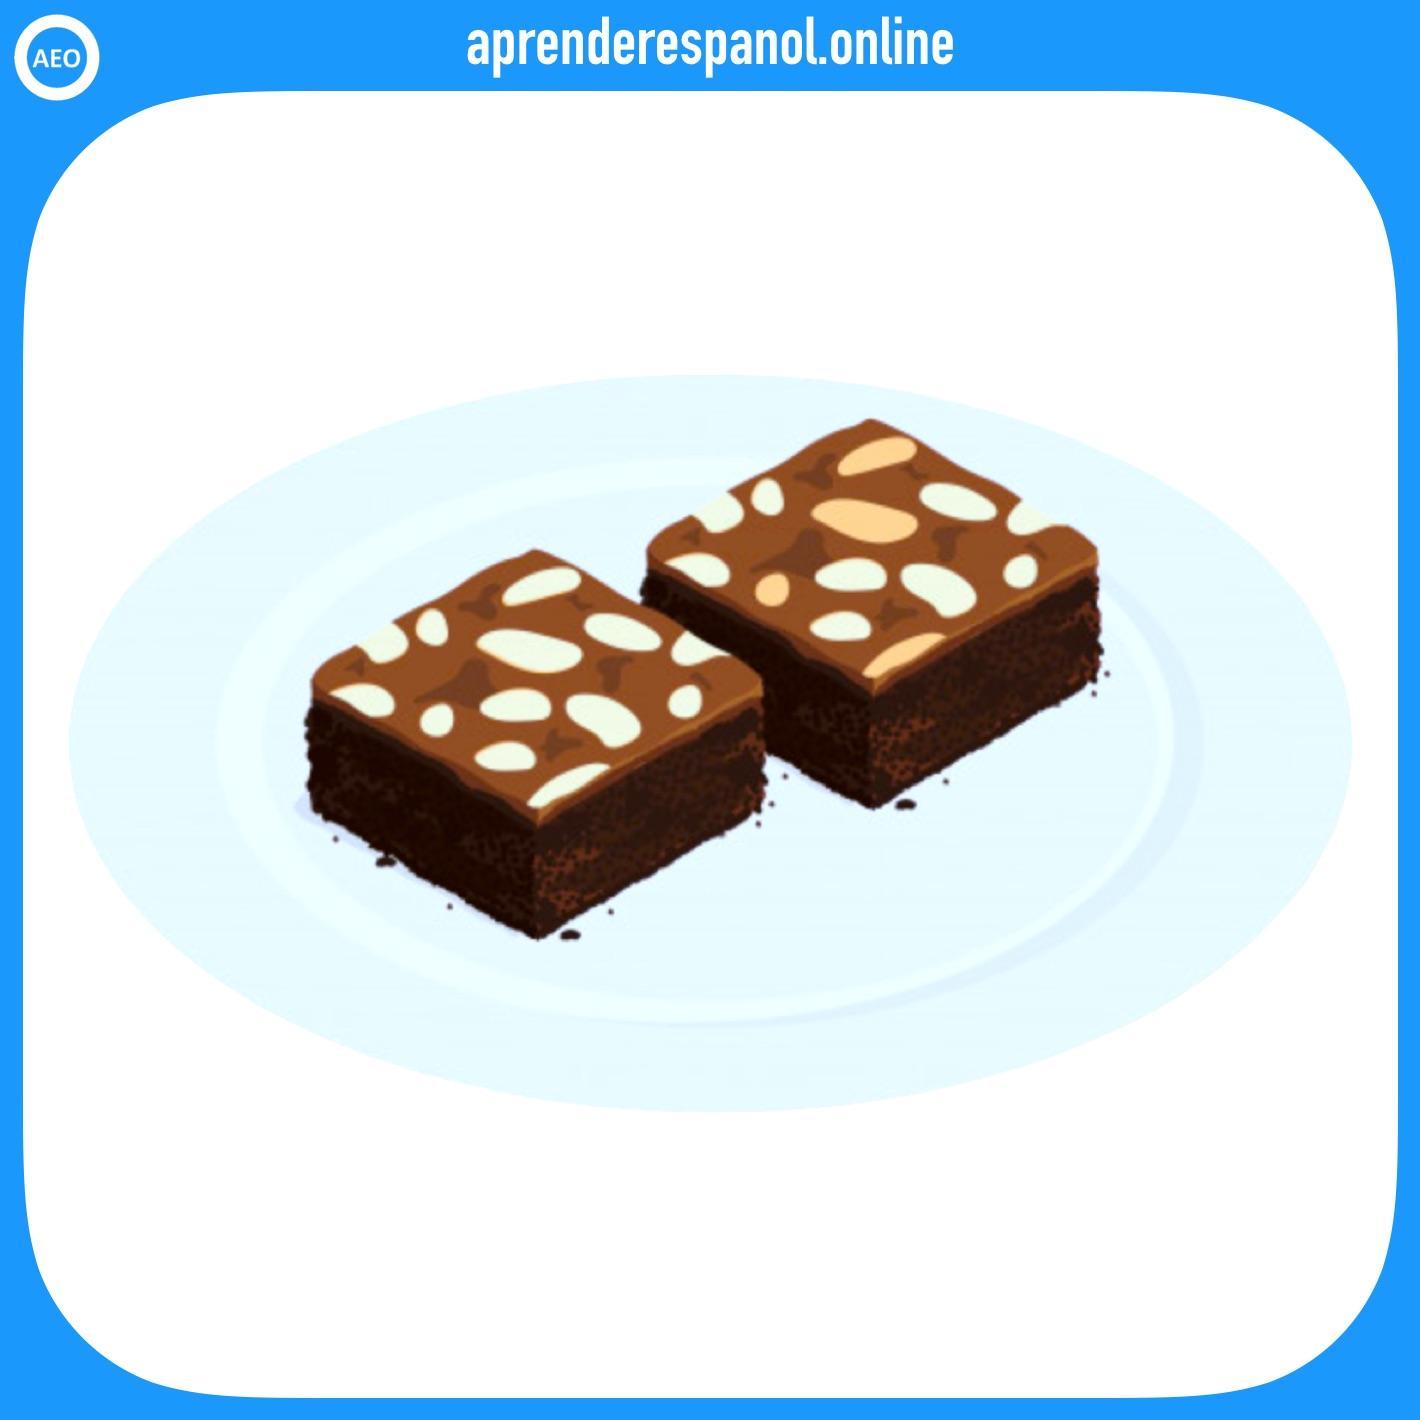 bizcocho de chocolate   postres y dulces en español   vocabulario de los postres en español